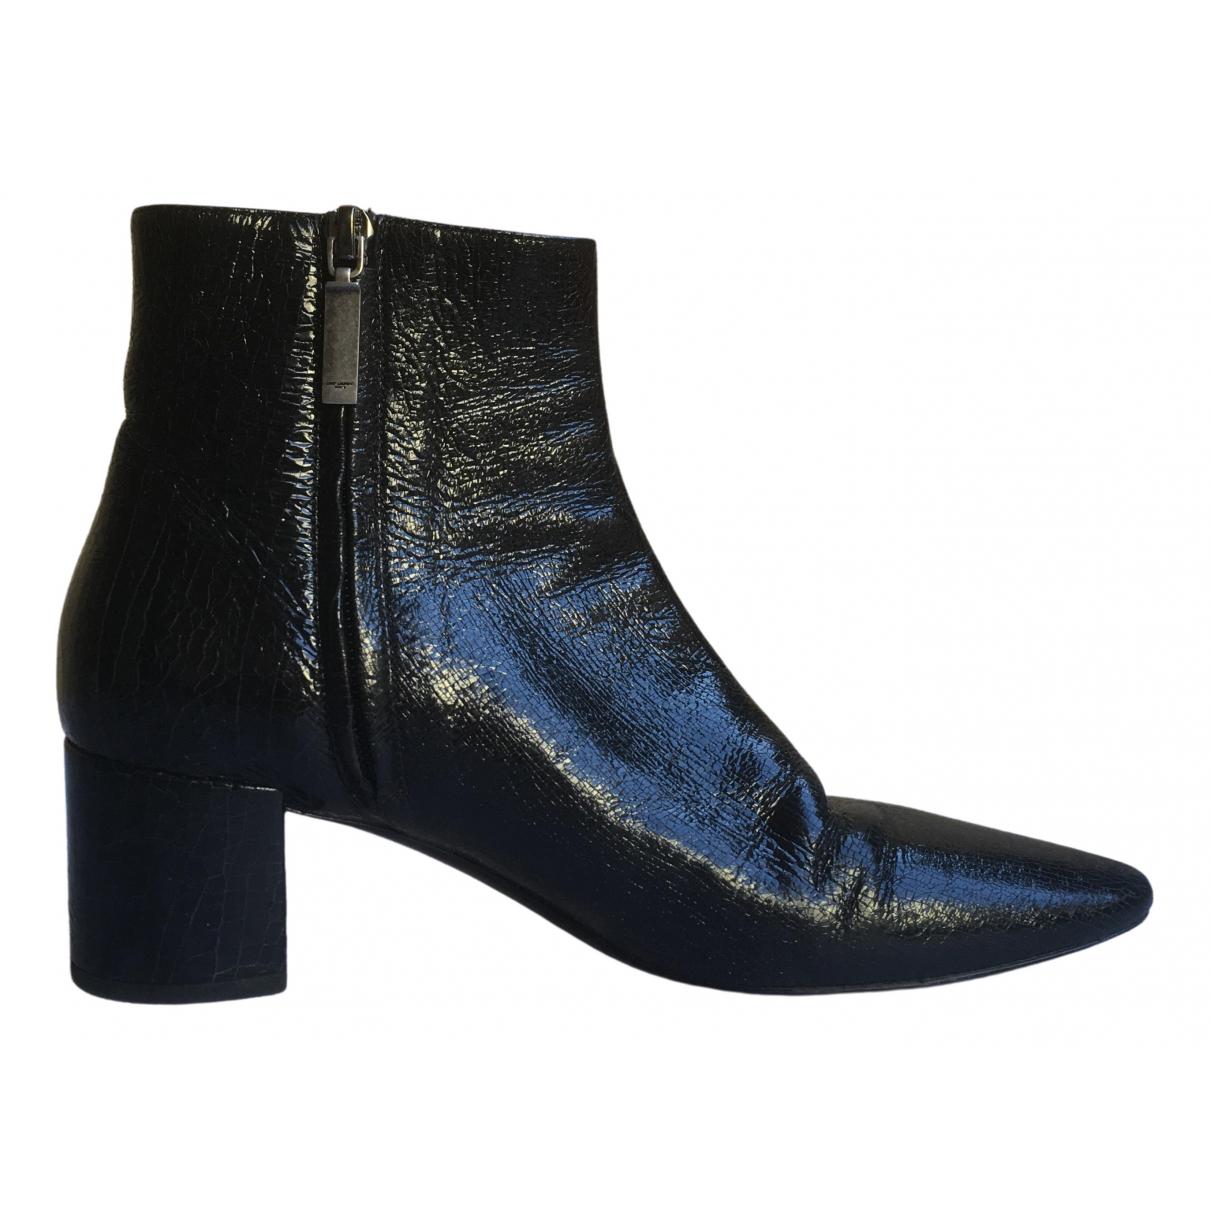 Saint Laurent - Boots Loulou pour femme en cuir - noir